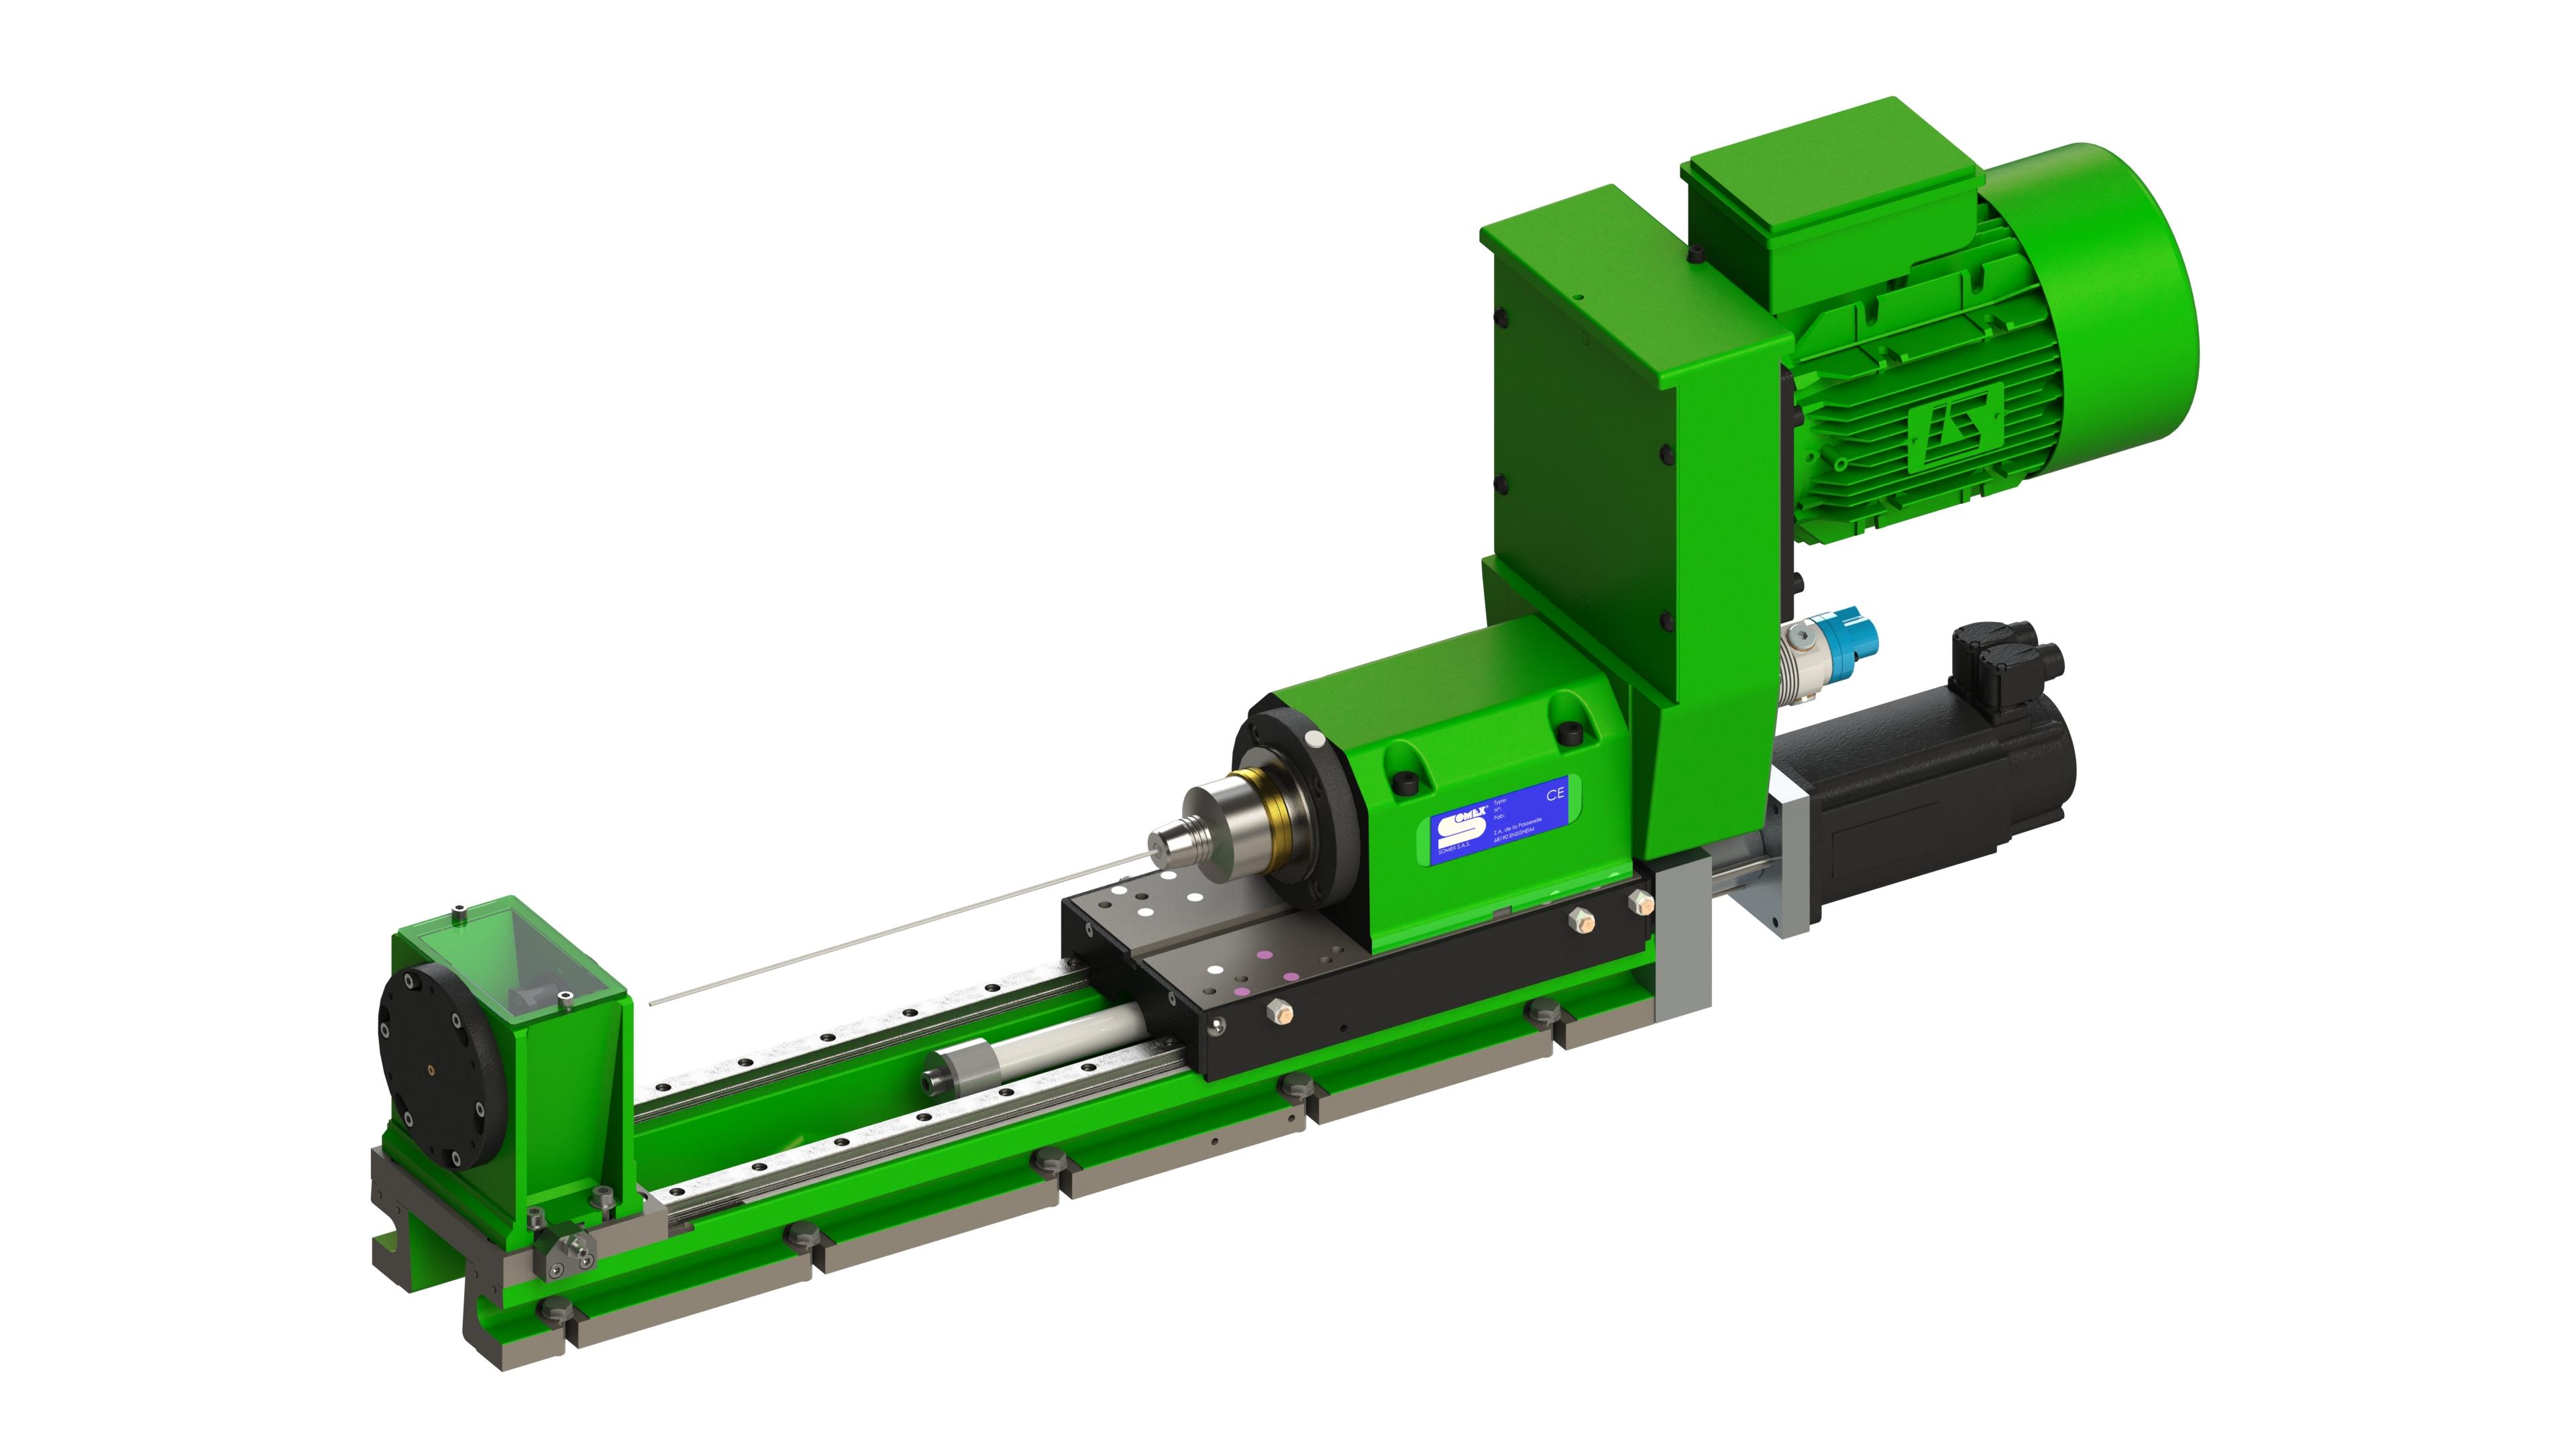 Unité de perçage profond Capacité de Ø3 à Ø5 mm dans acier 600N/mm² Profondeur de perçage ≤ 40xD, 20...